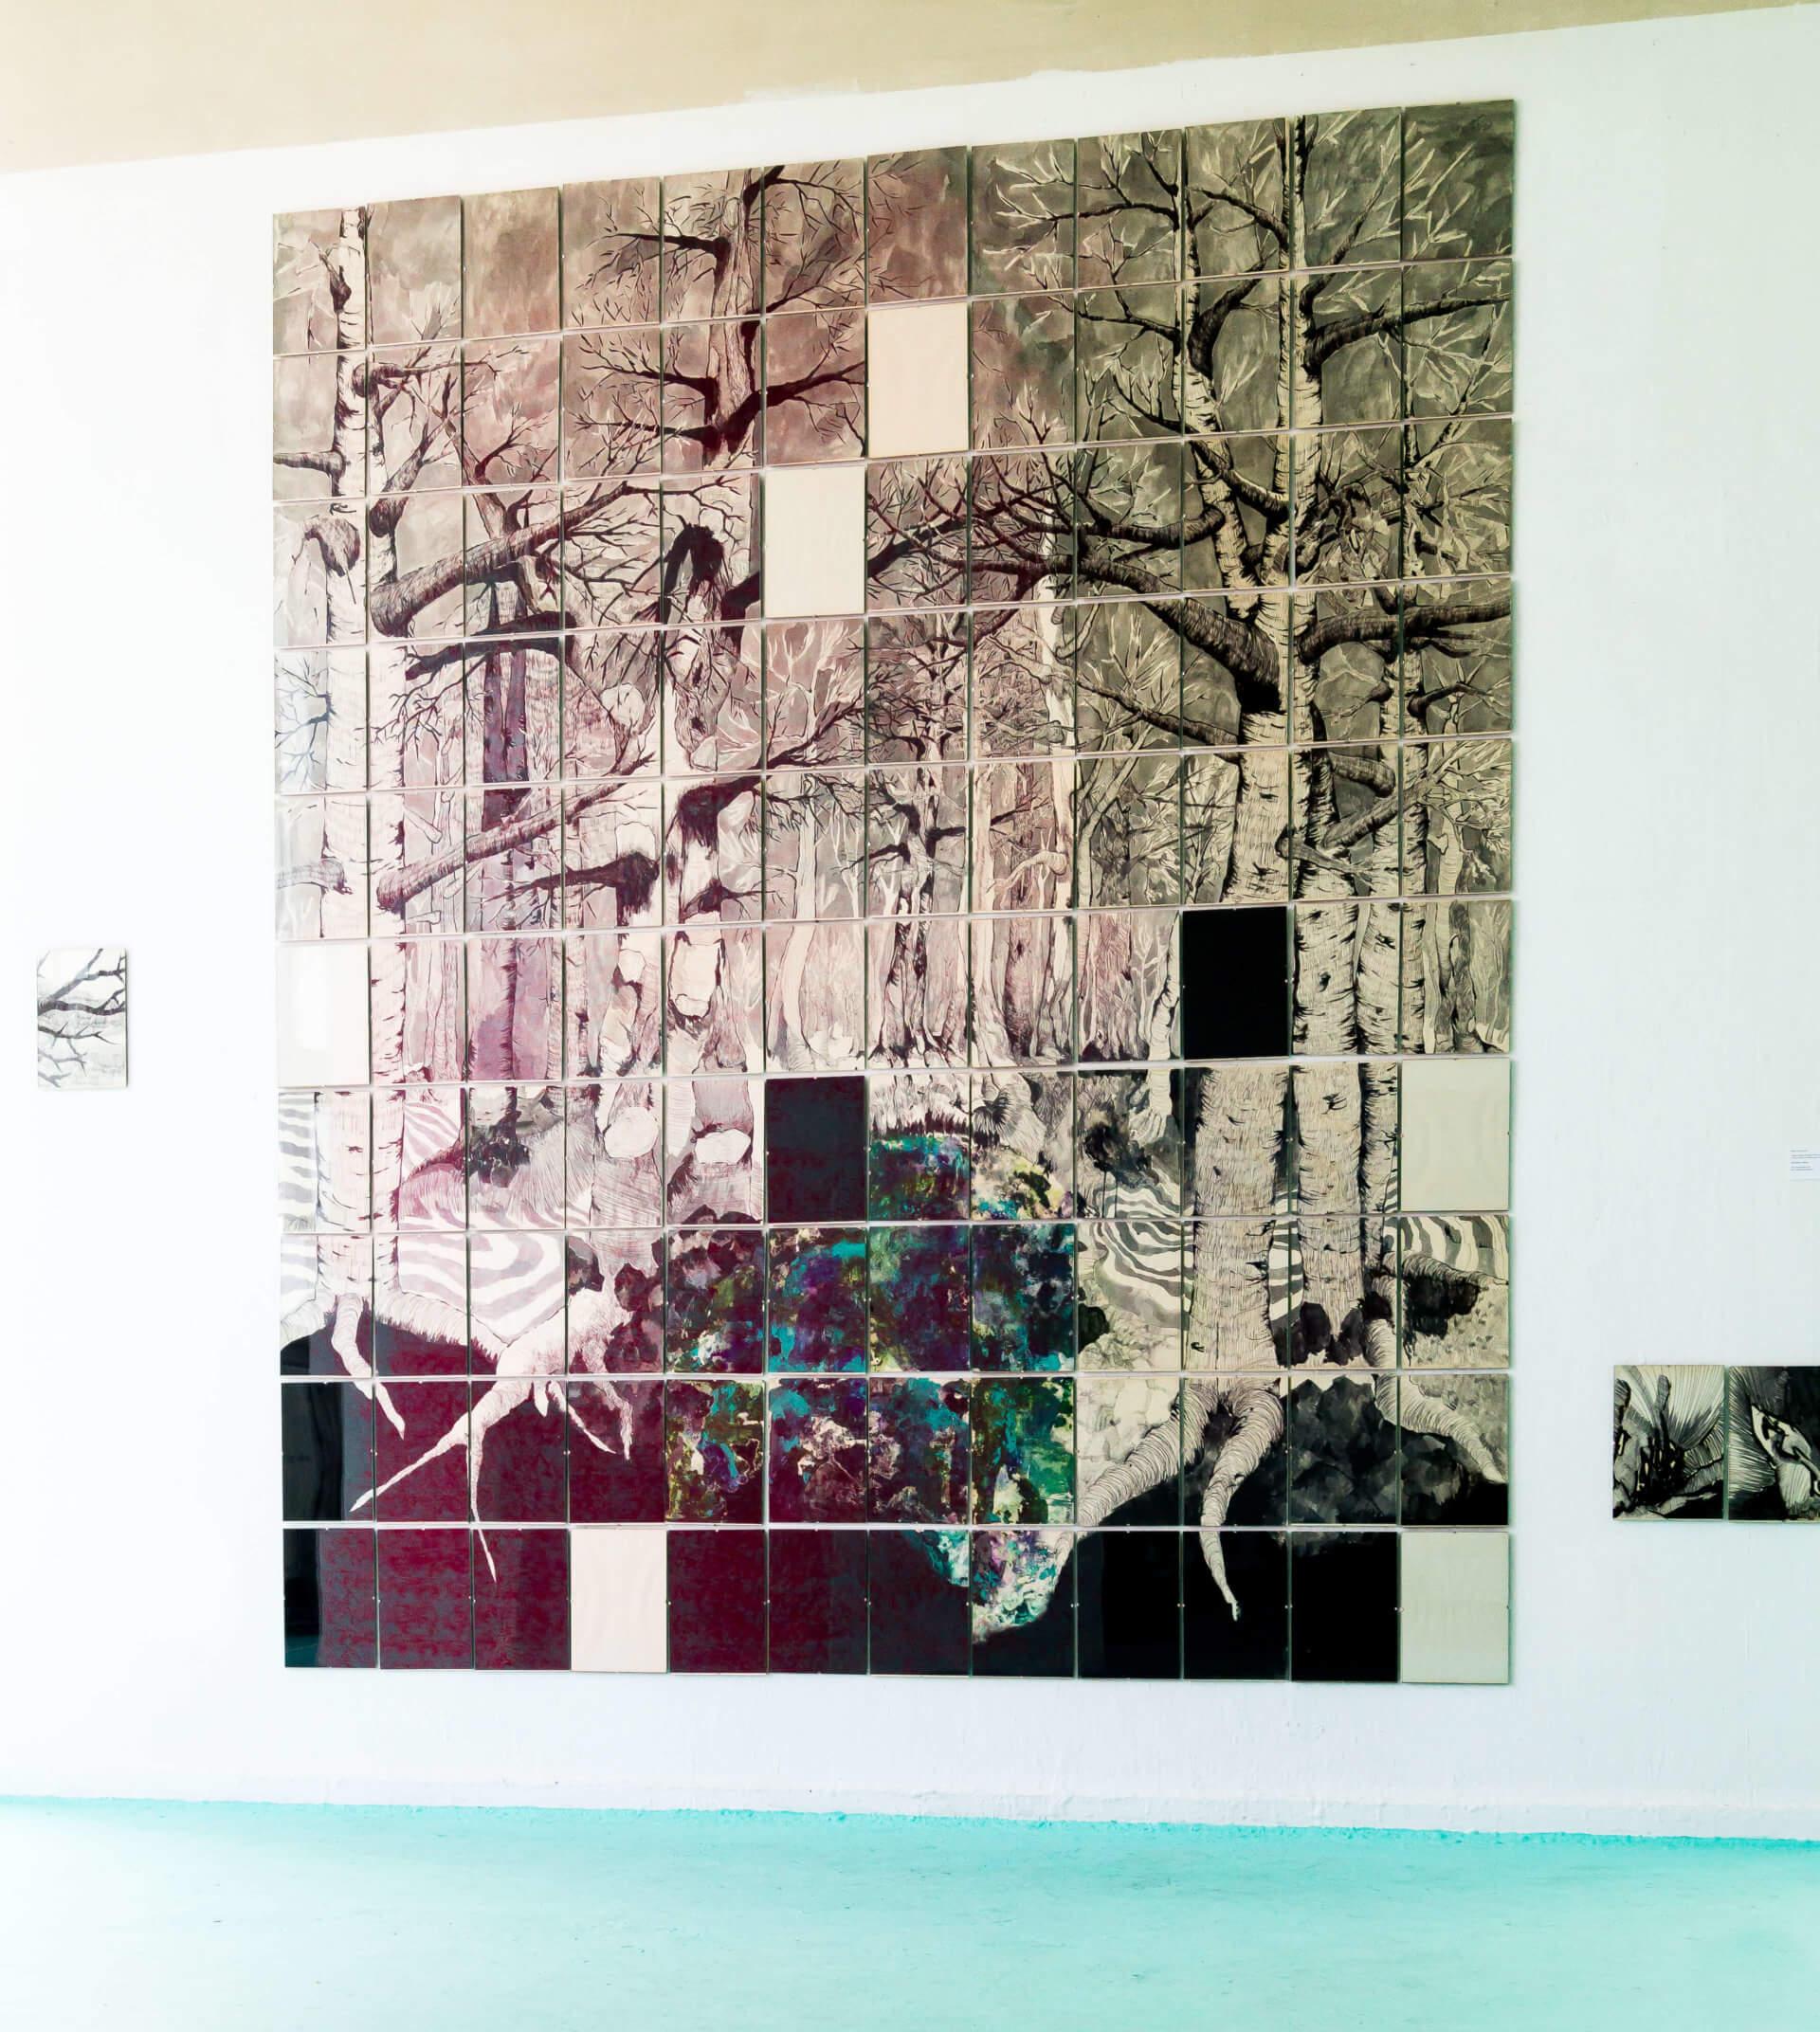 Katharina Albers, Wald XXXII, 2015, Tusche, Graphit, Linolfarbe, Ölfarbe, Fineliner auf Papier, 120 Stück je 30×21 cm